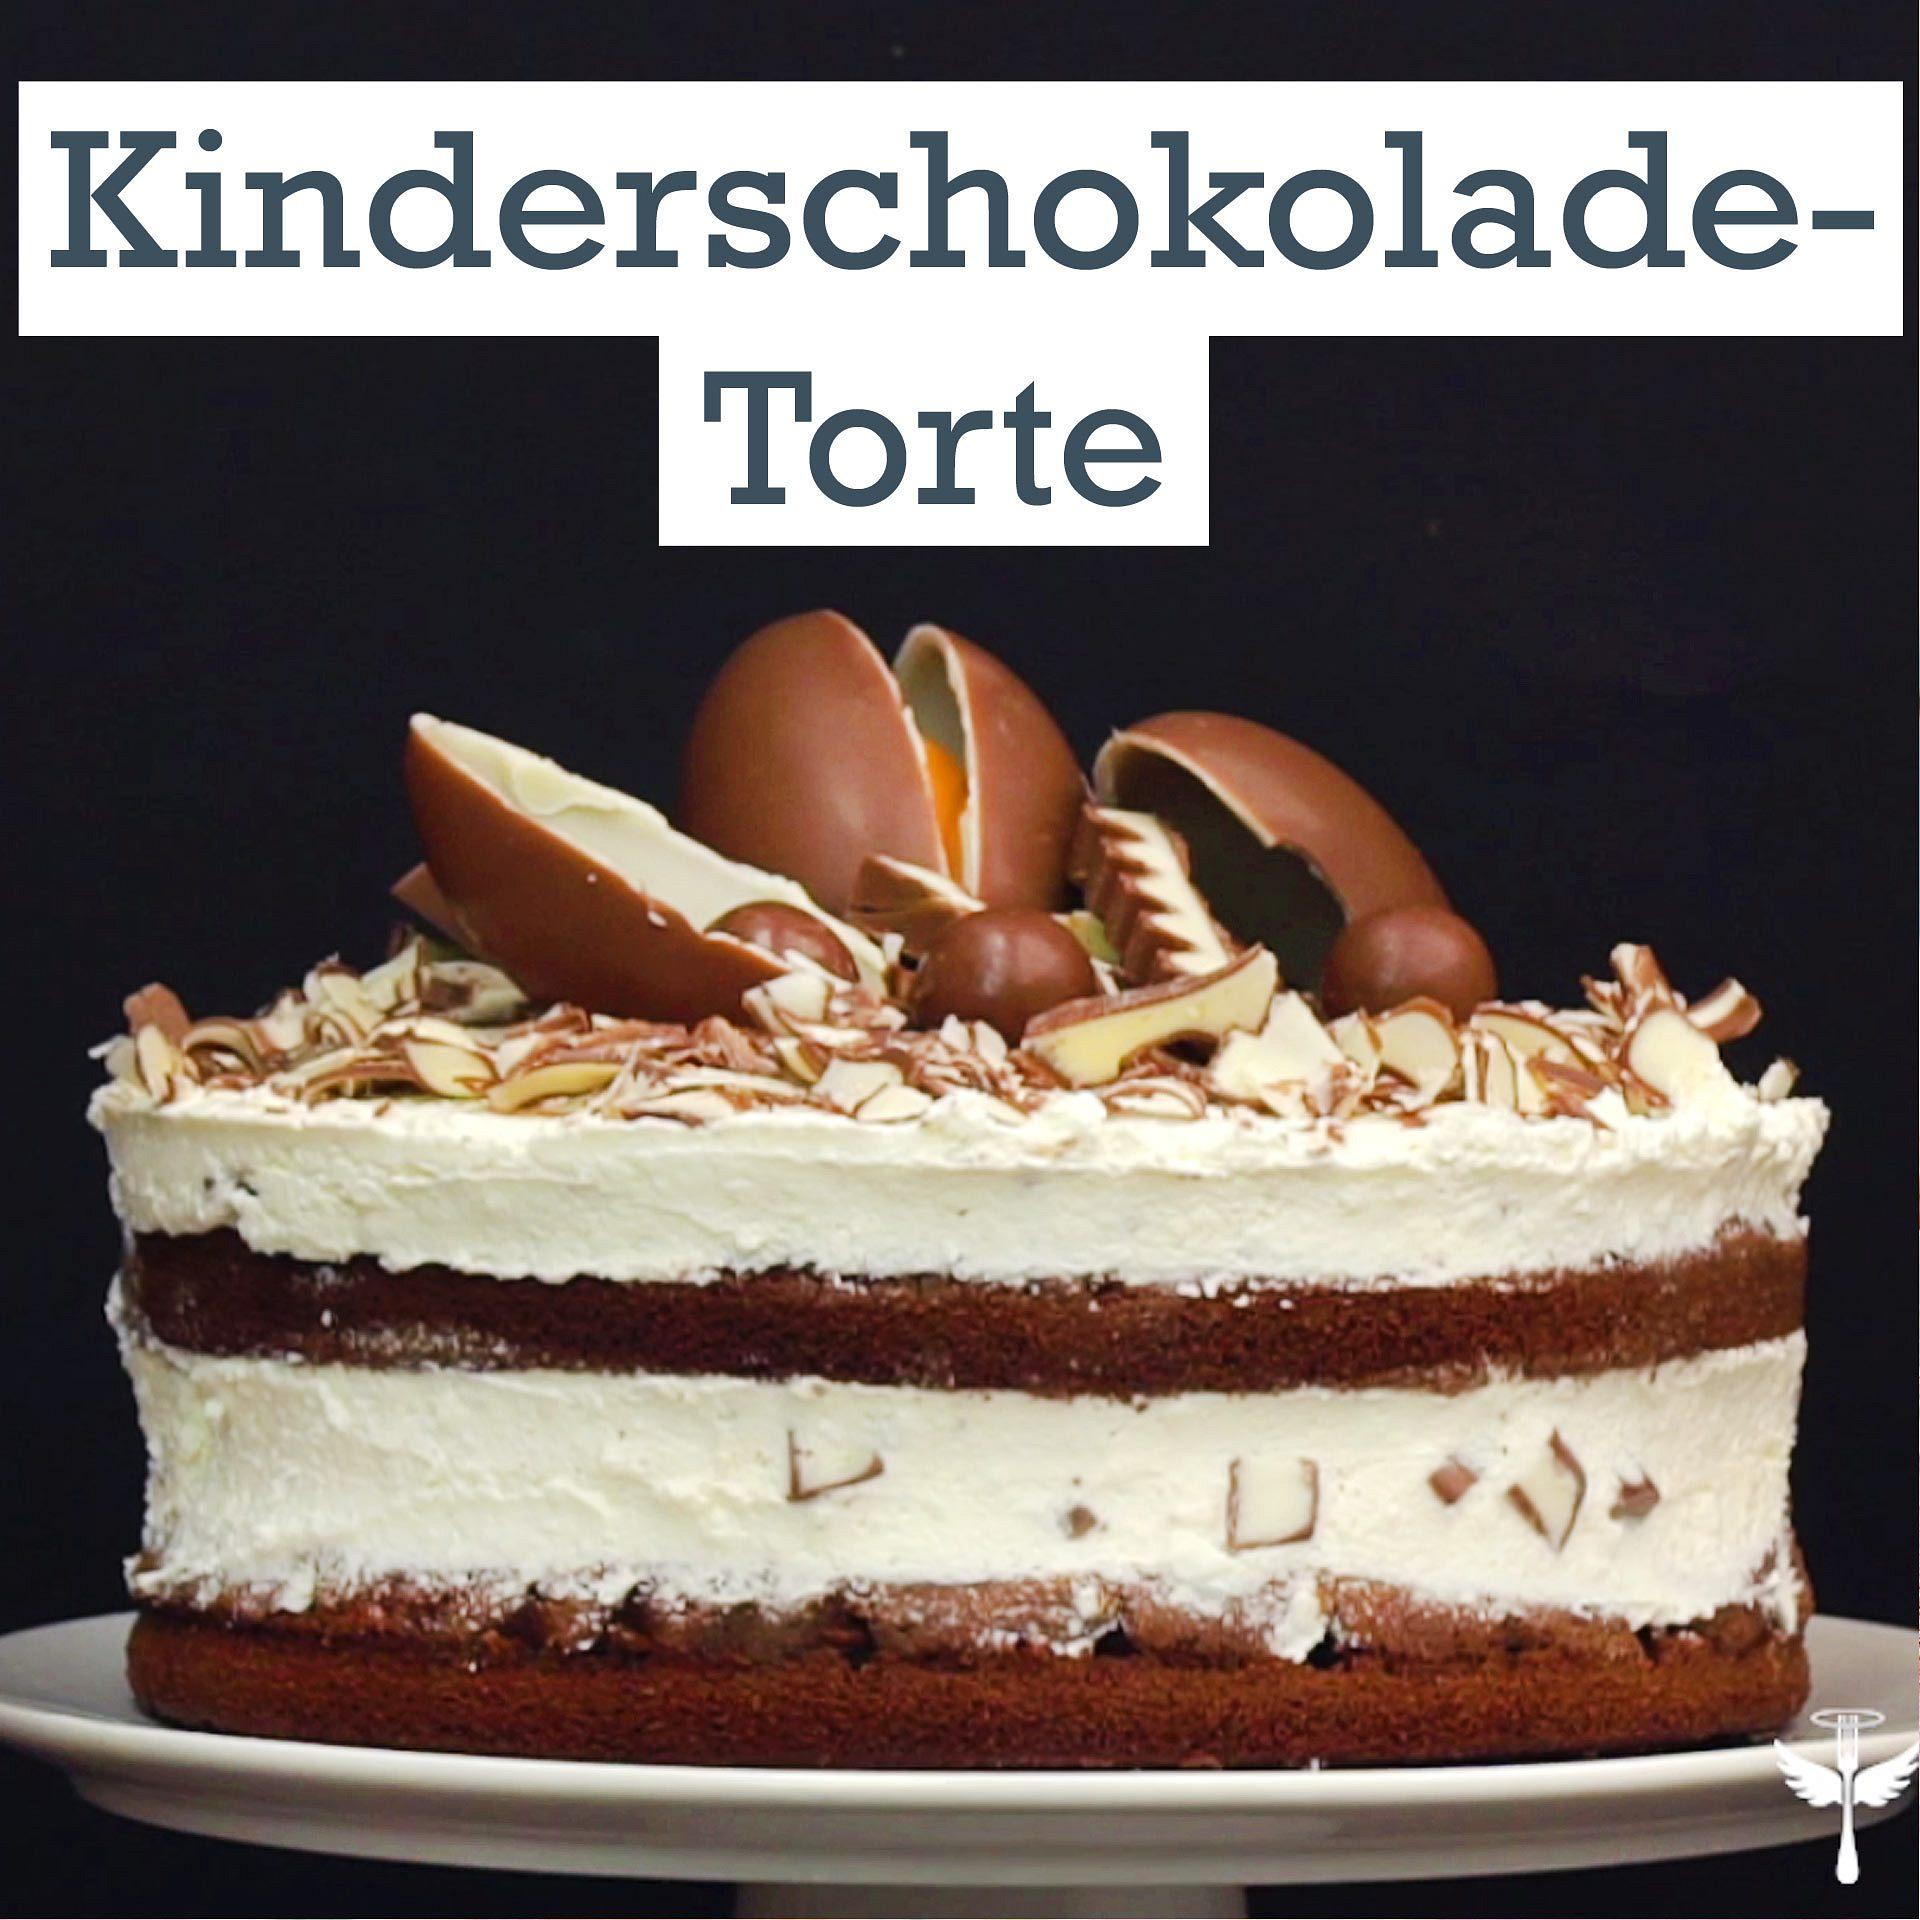 Kinderschokolade Torte Backen So Geht S Lecker